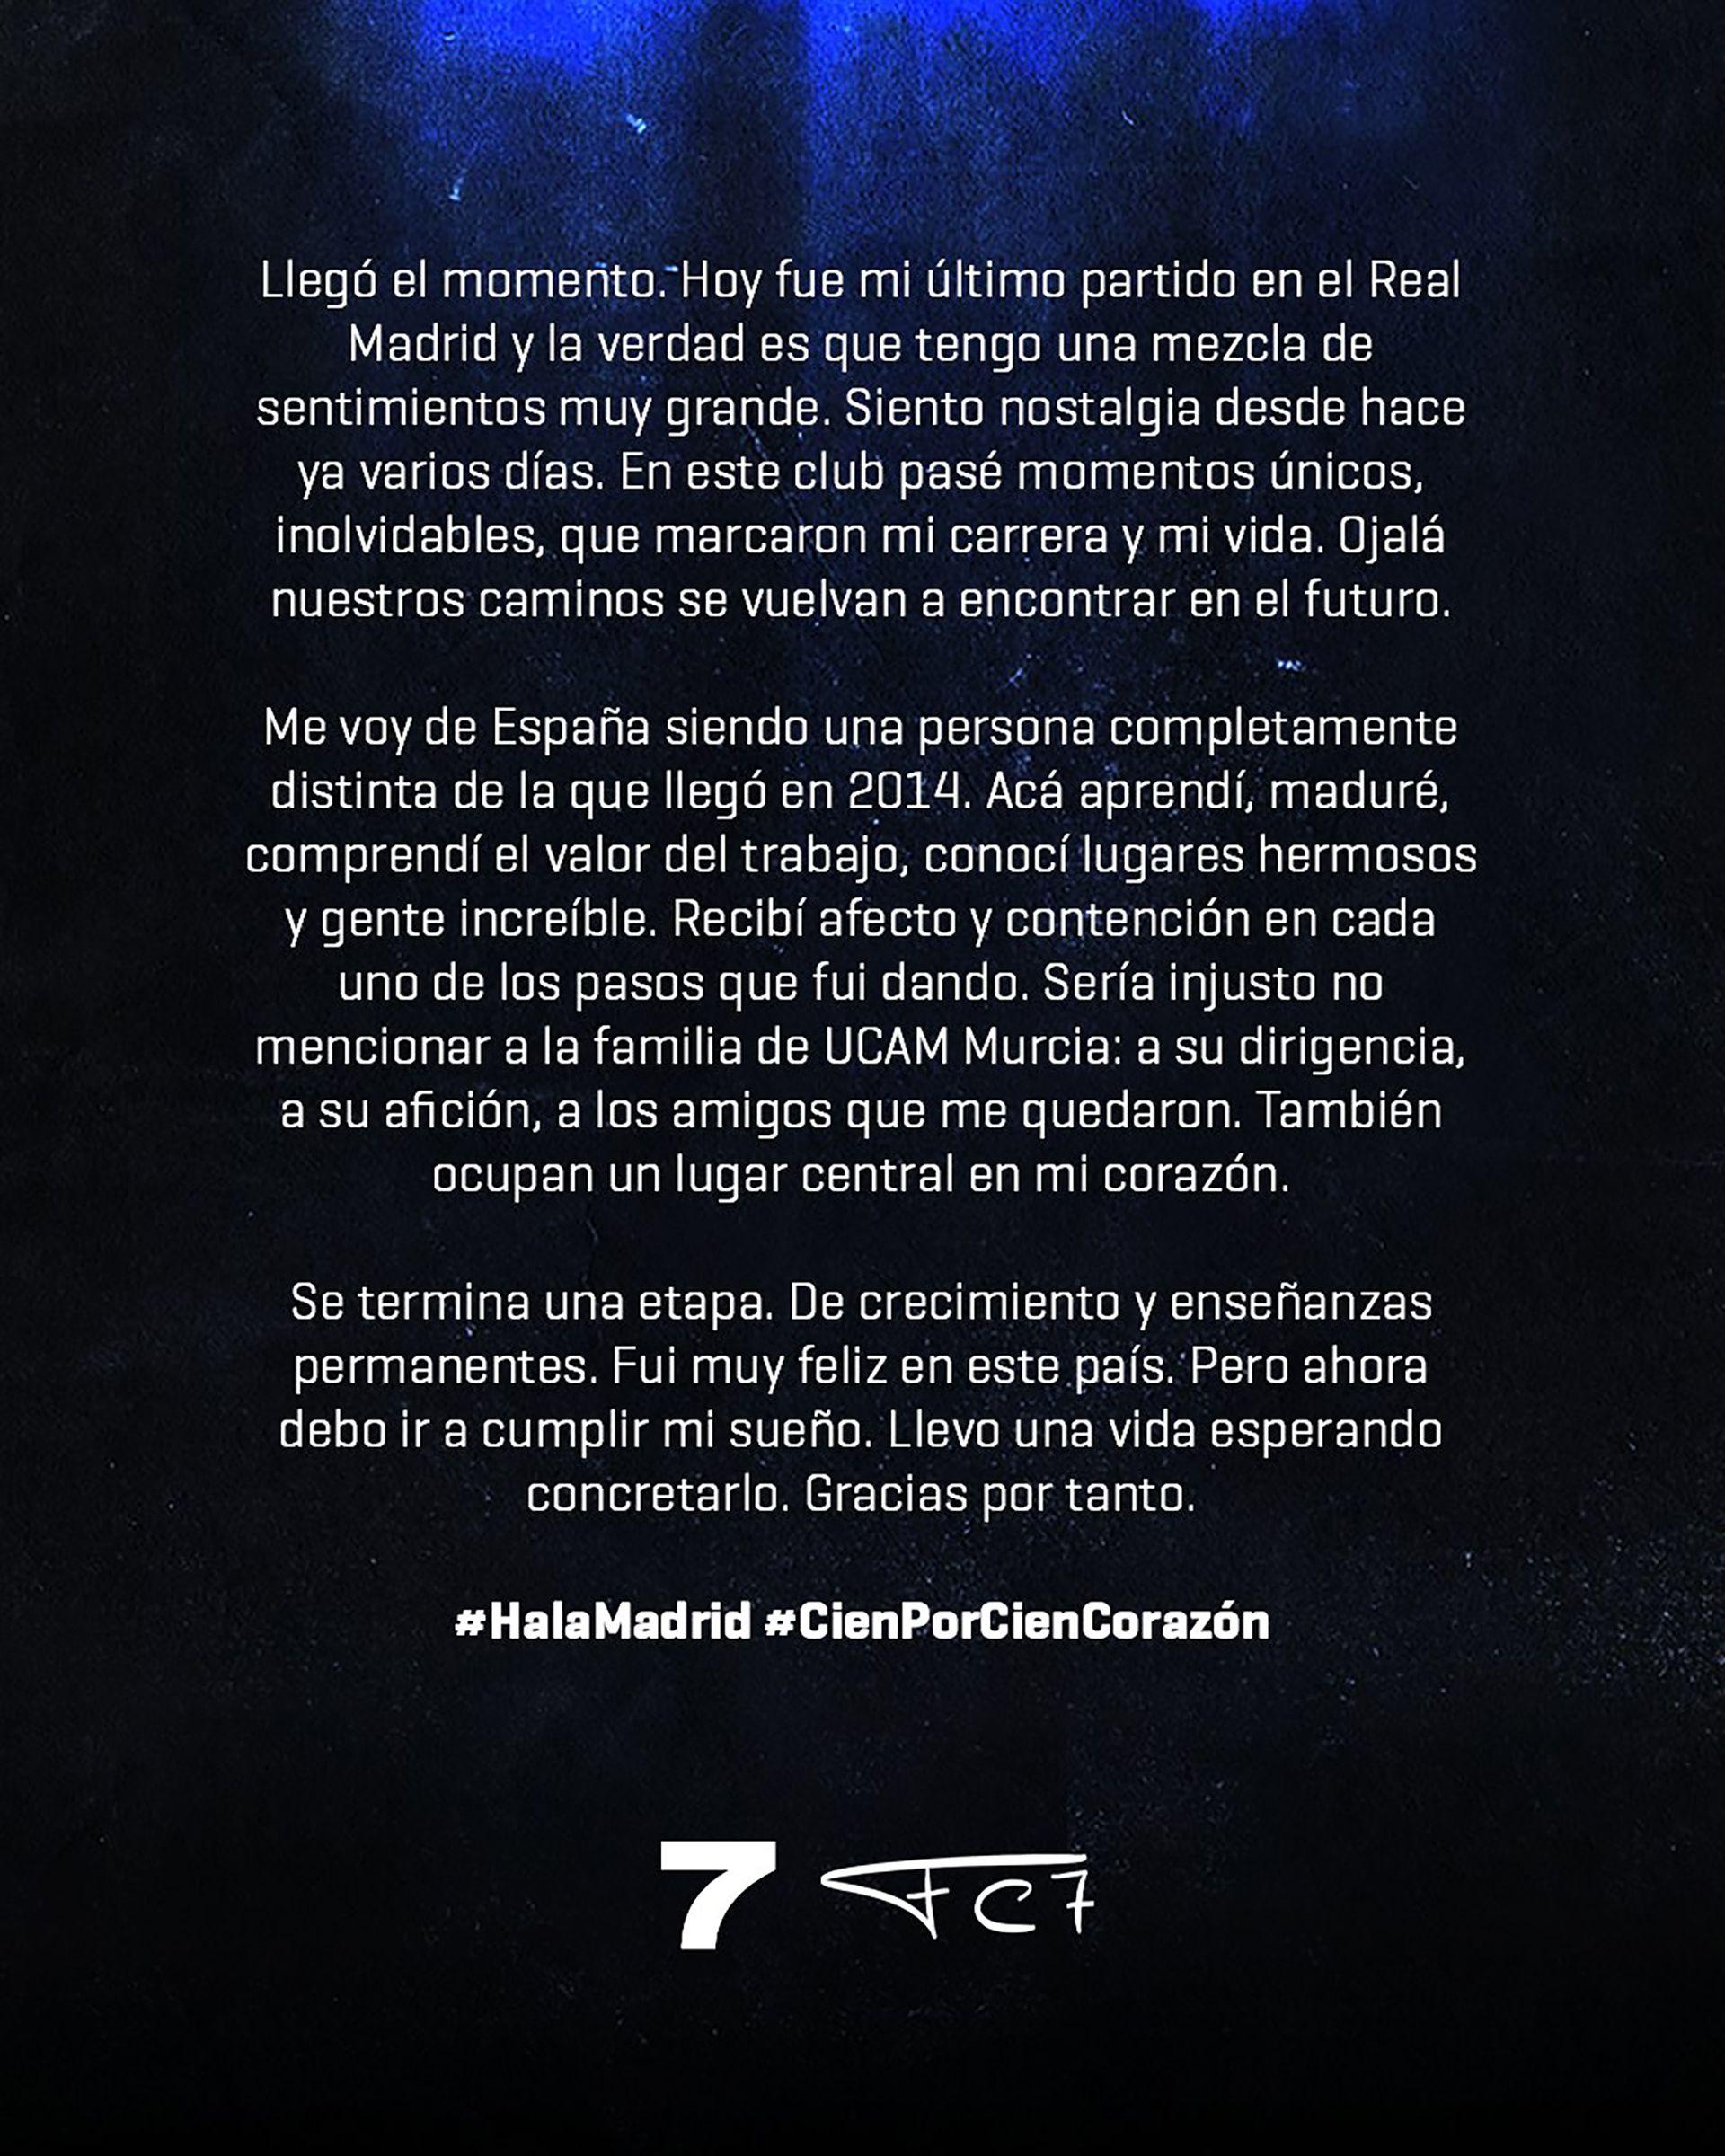 la carta de Campazzo para despedirse del Real Madrid